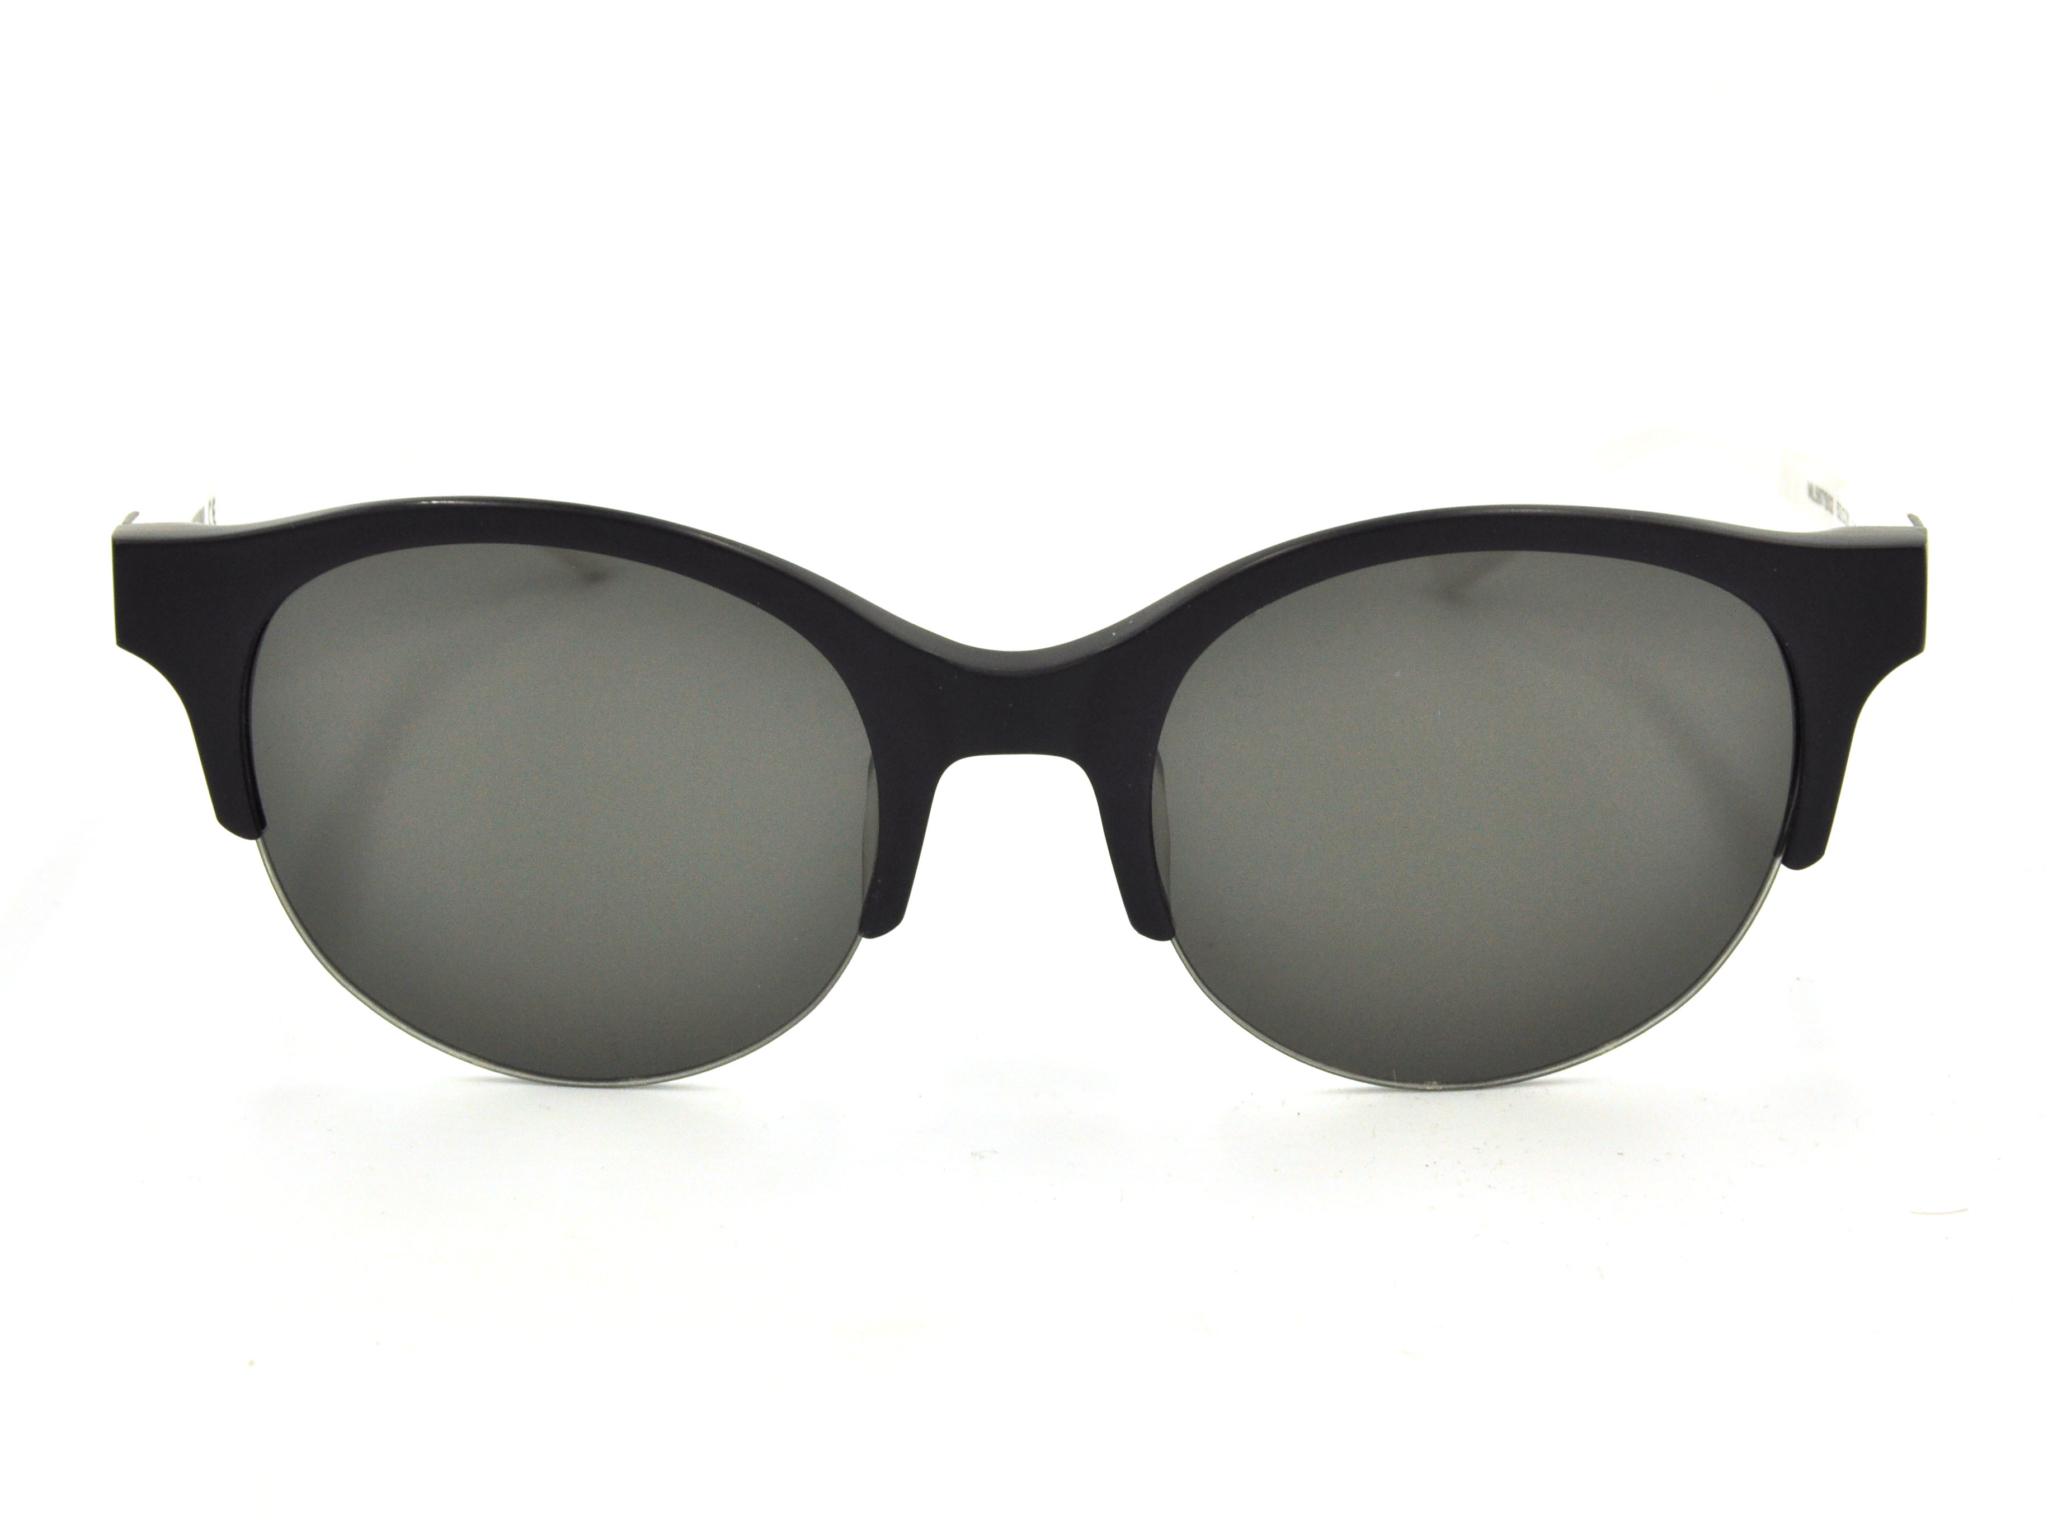 Γυαλιά ηλίου MOSCHINO ML587 S02 Πειραιάς